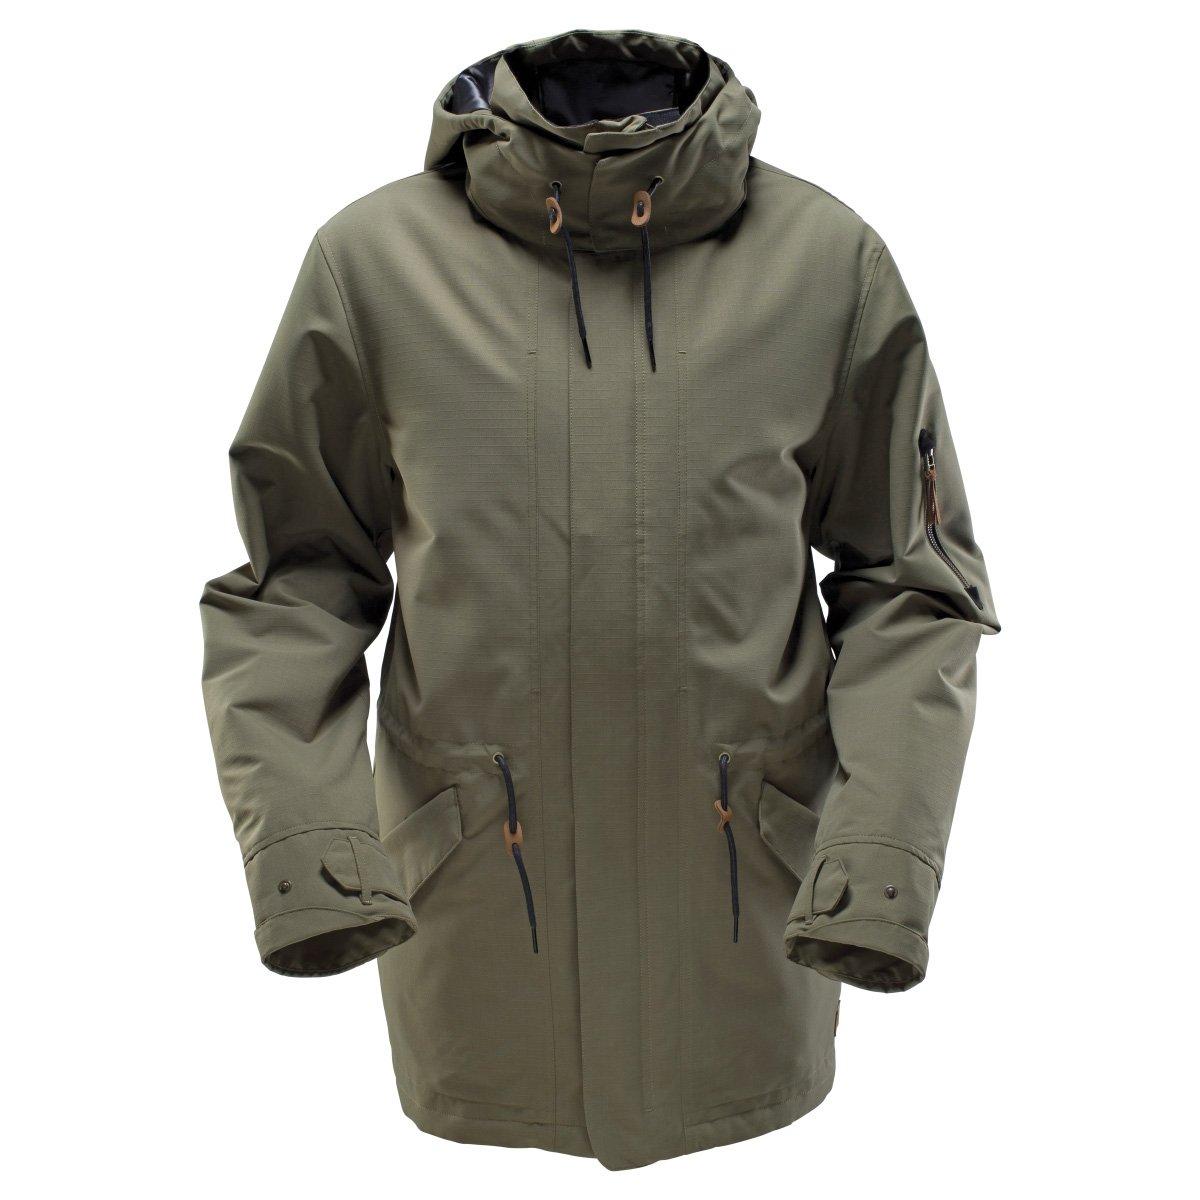 Damen Snowboard Jacke Cappel Riot Jacket günstig kaufen